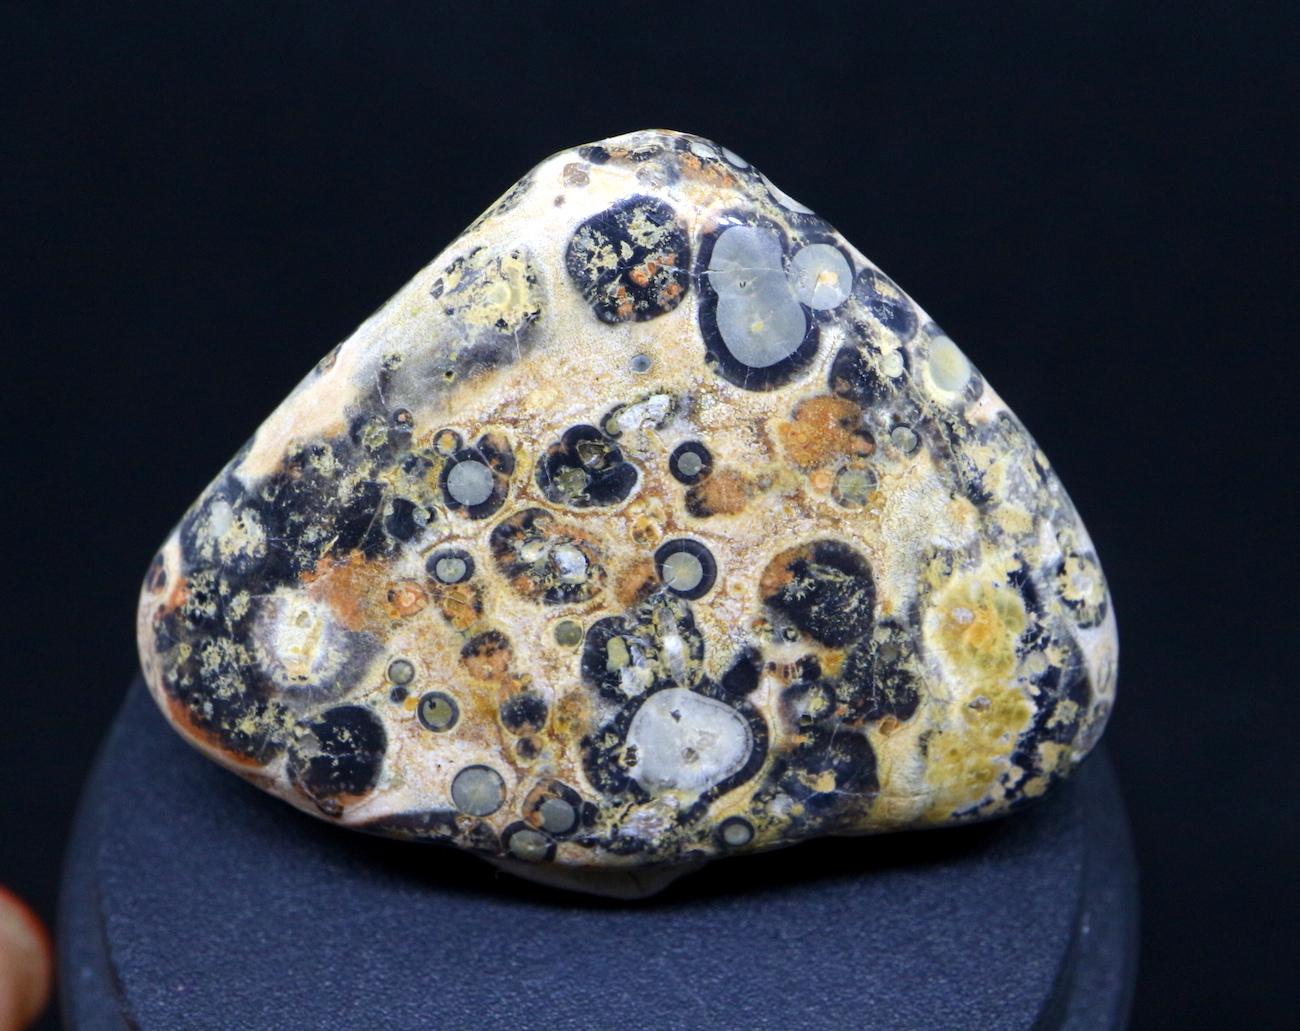 レオパードスキンジャスパー タンブル 研磨 9,9g LPJ022 原石 鉱物 天然石